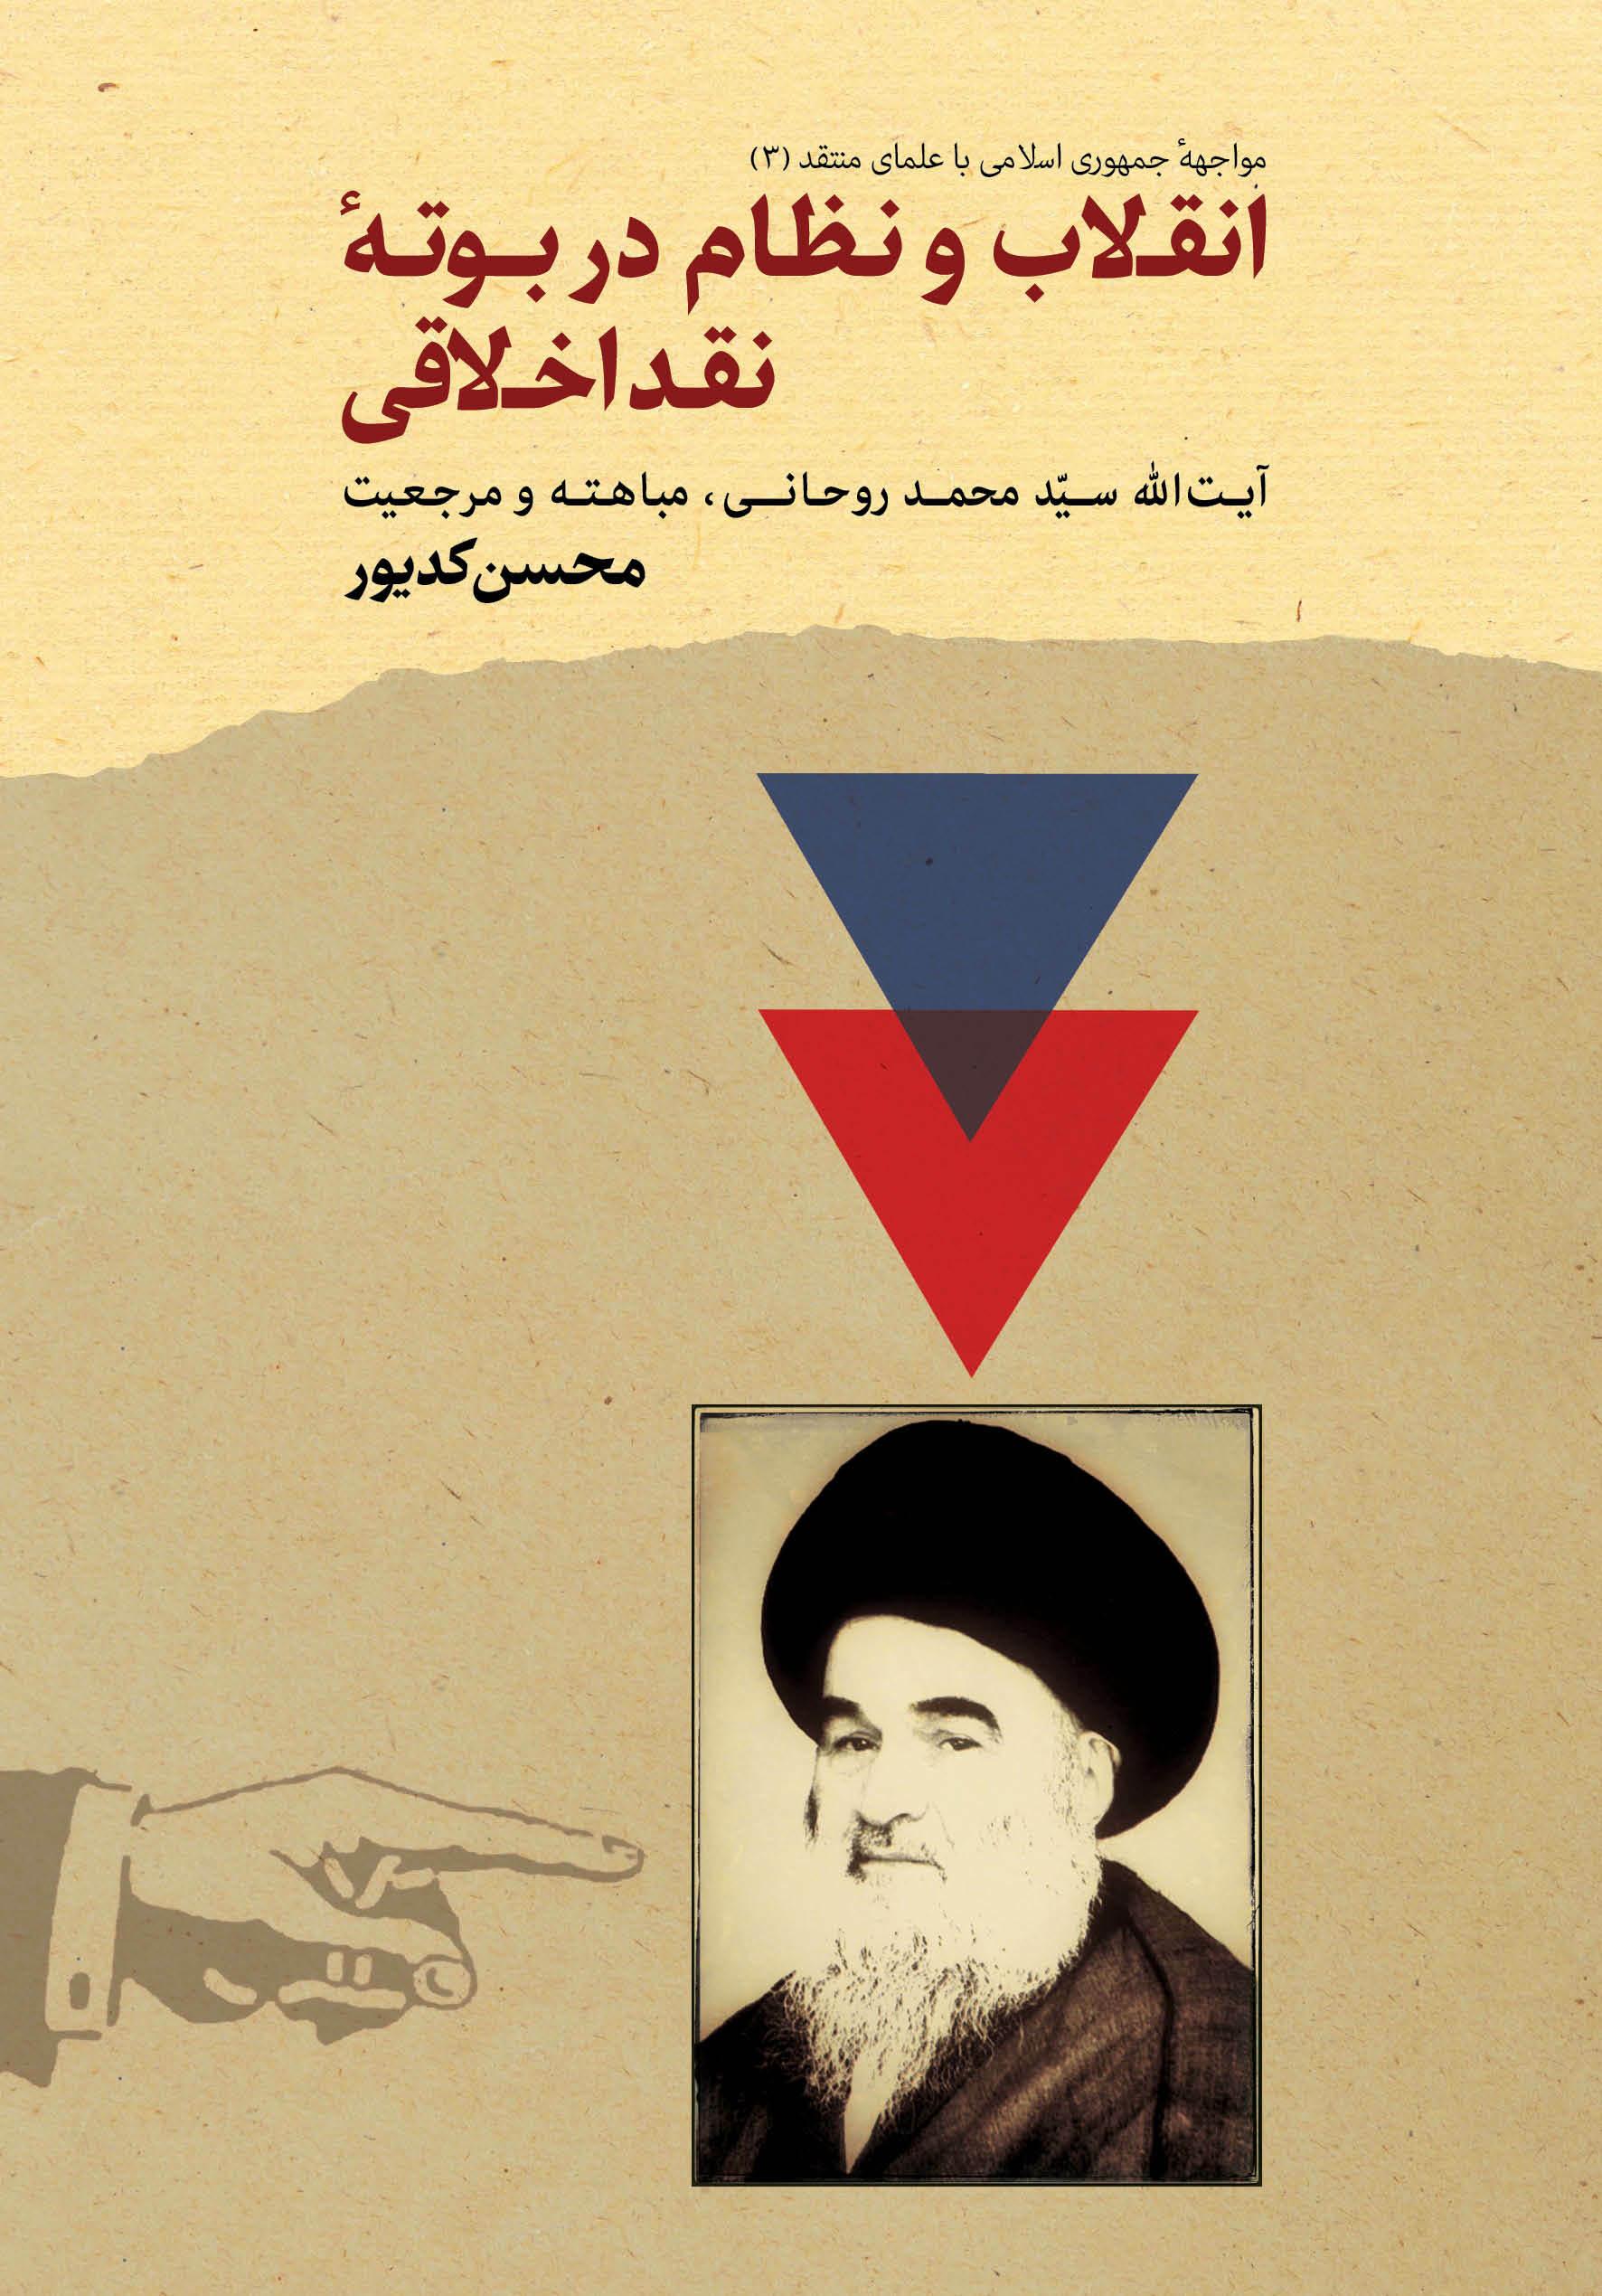 ویرایش دوم کتاب انقلاب و نظام در بوتهی نقد اخلاقی